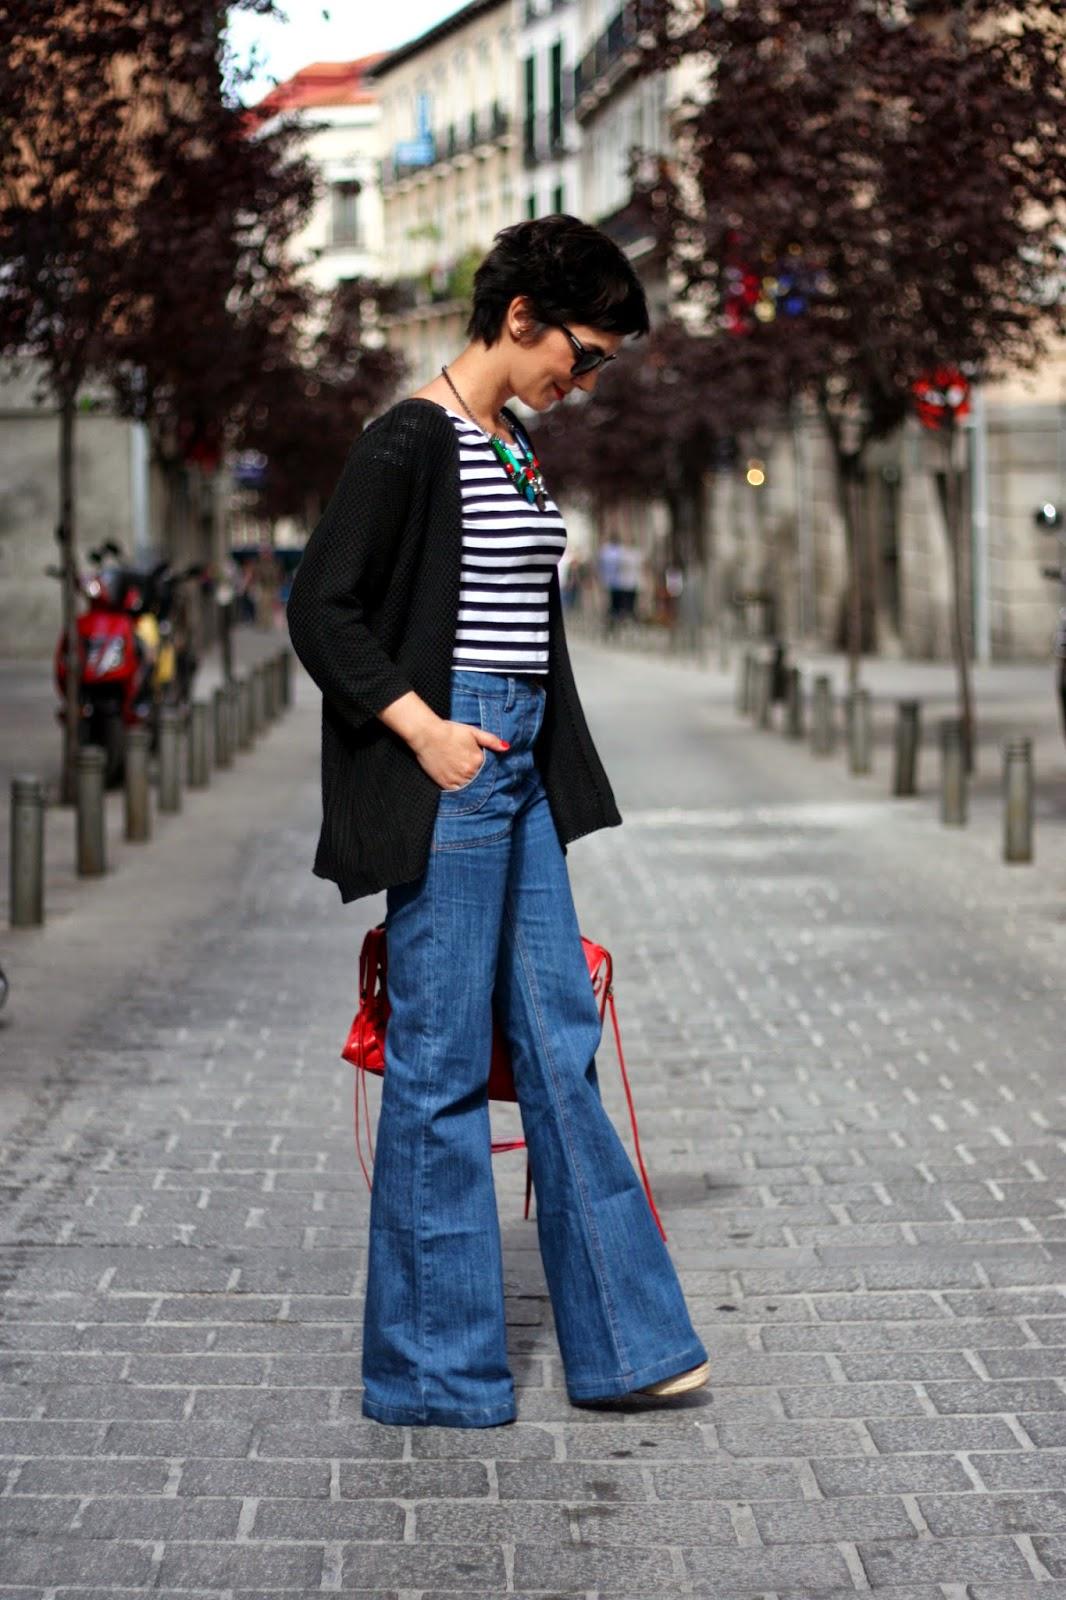 Flared jeans outfit combinar pantalon campana crop top rayas bolso Balenciaga pelo corto pixie cut short hair streetstyle ohmyblog blogger (6)